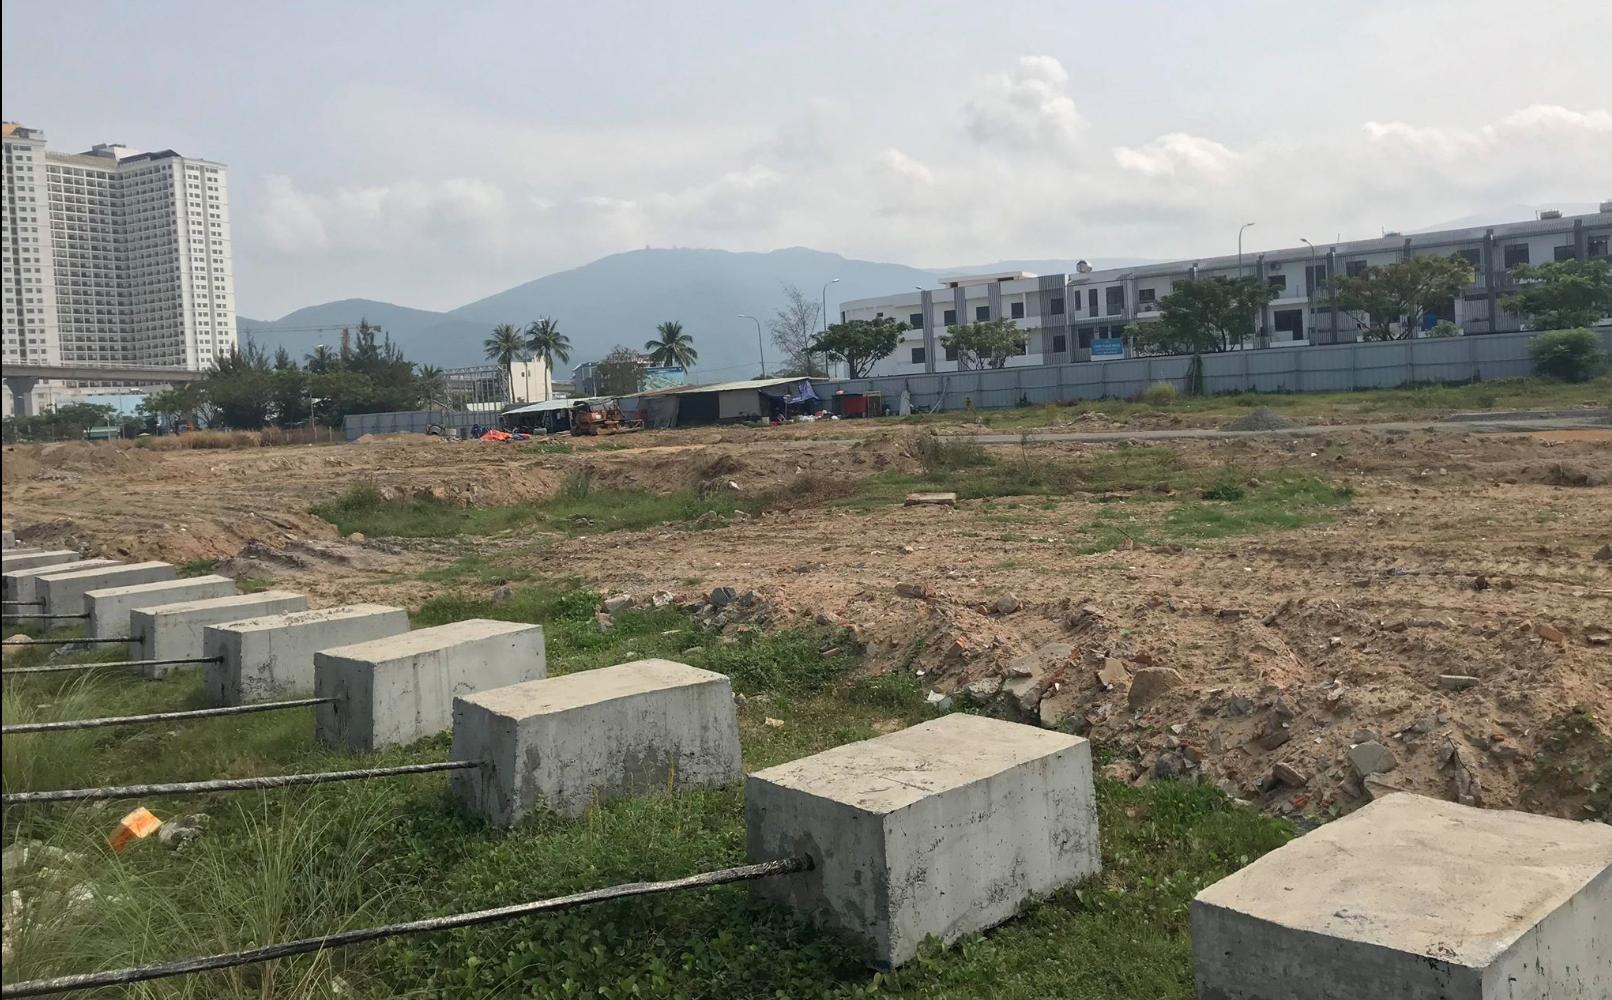 Yêu cầu công khai đánh giá tác động môi trường Dự án bất động sản và bến du thuyền - Marina Complex lấn sông Hàn - Ảnh 2.